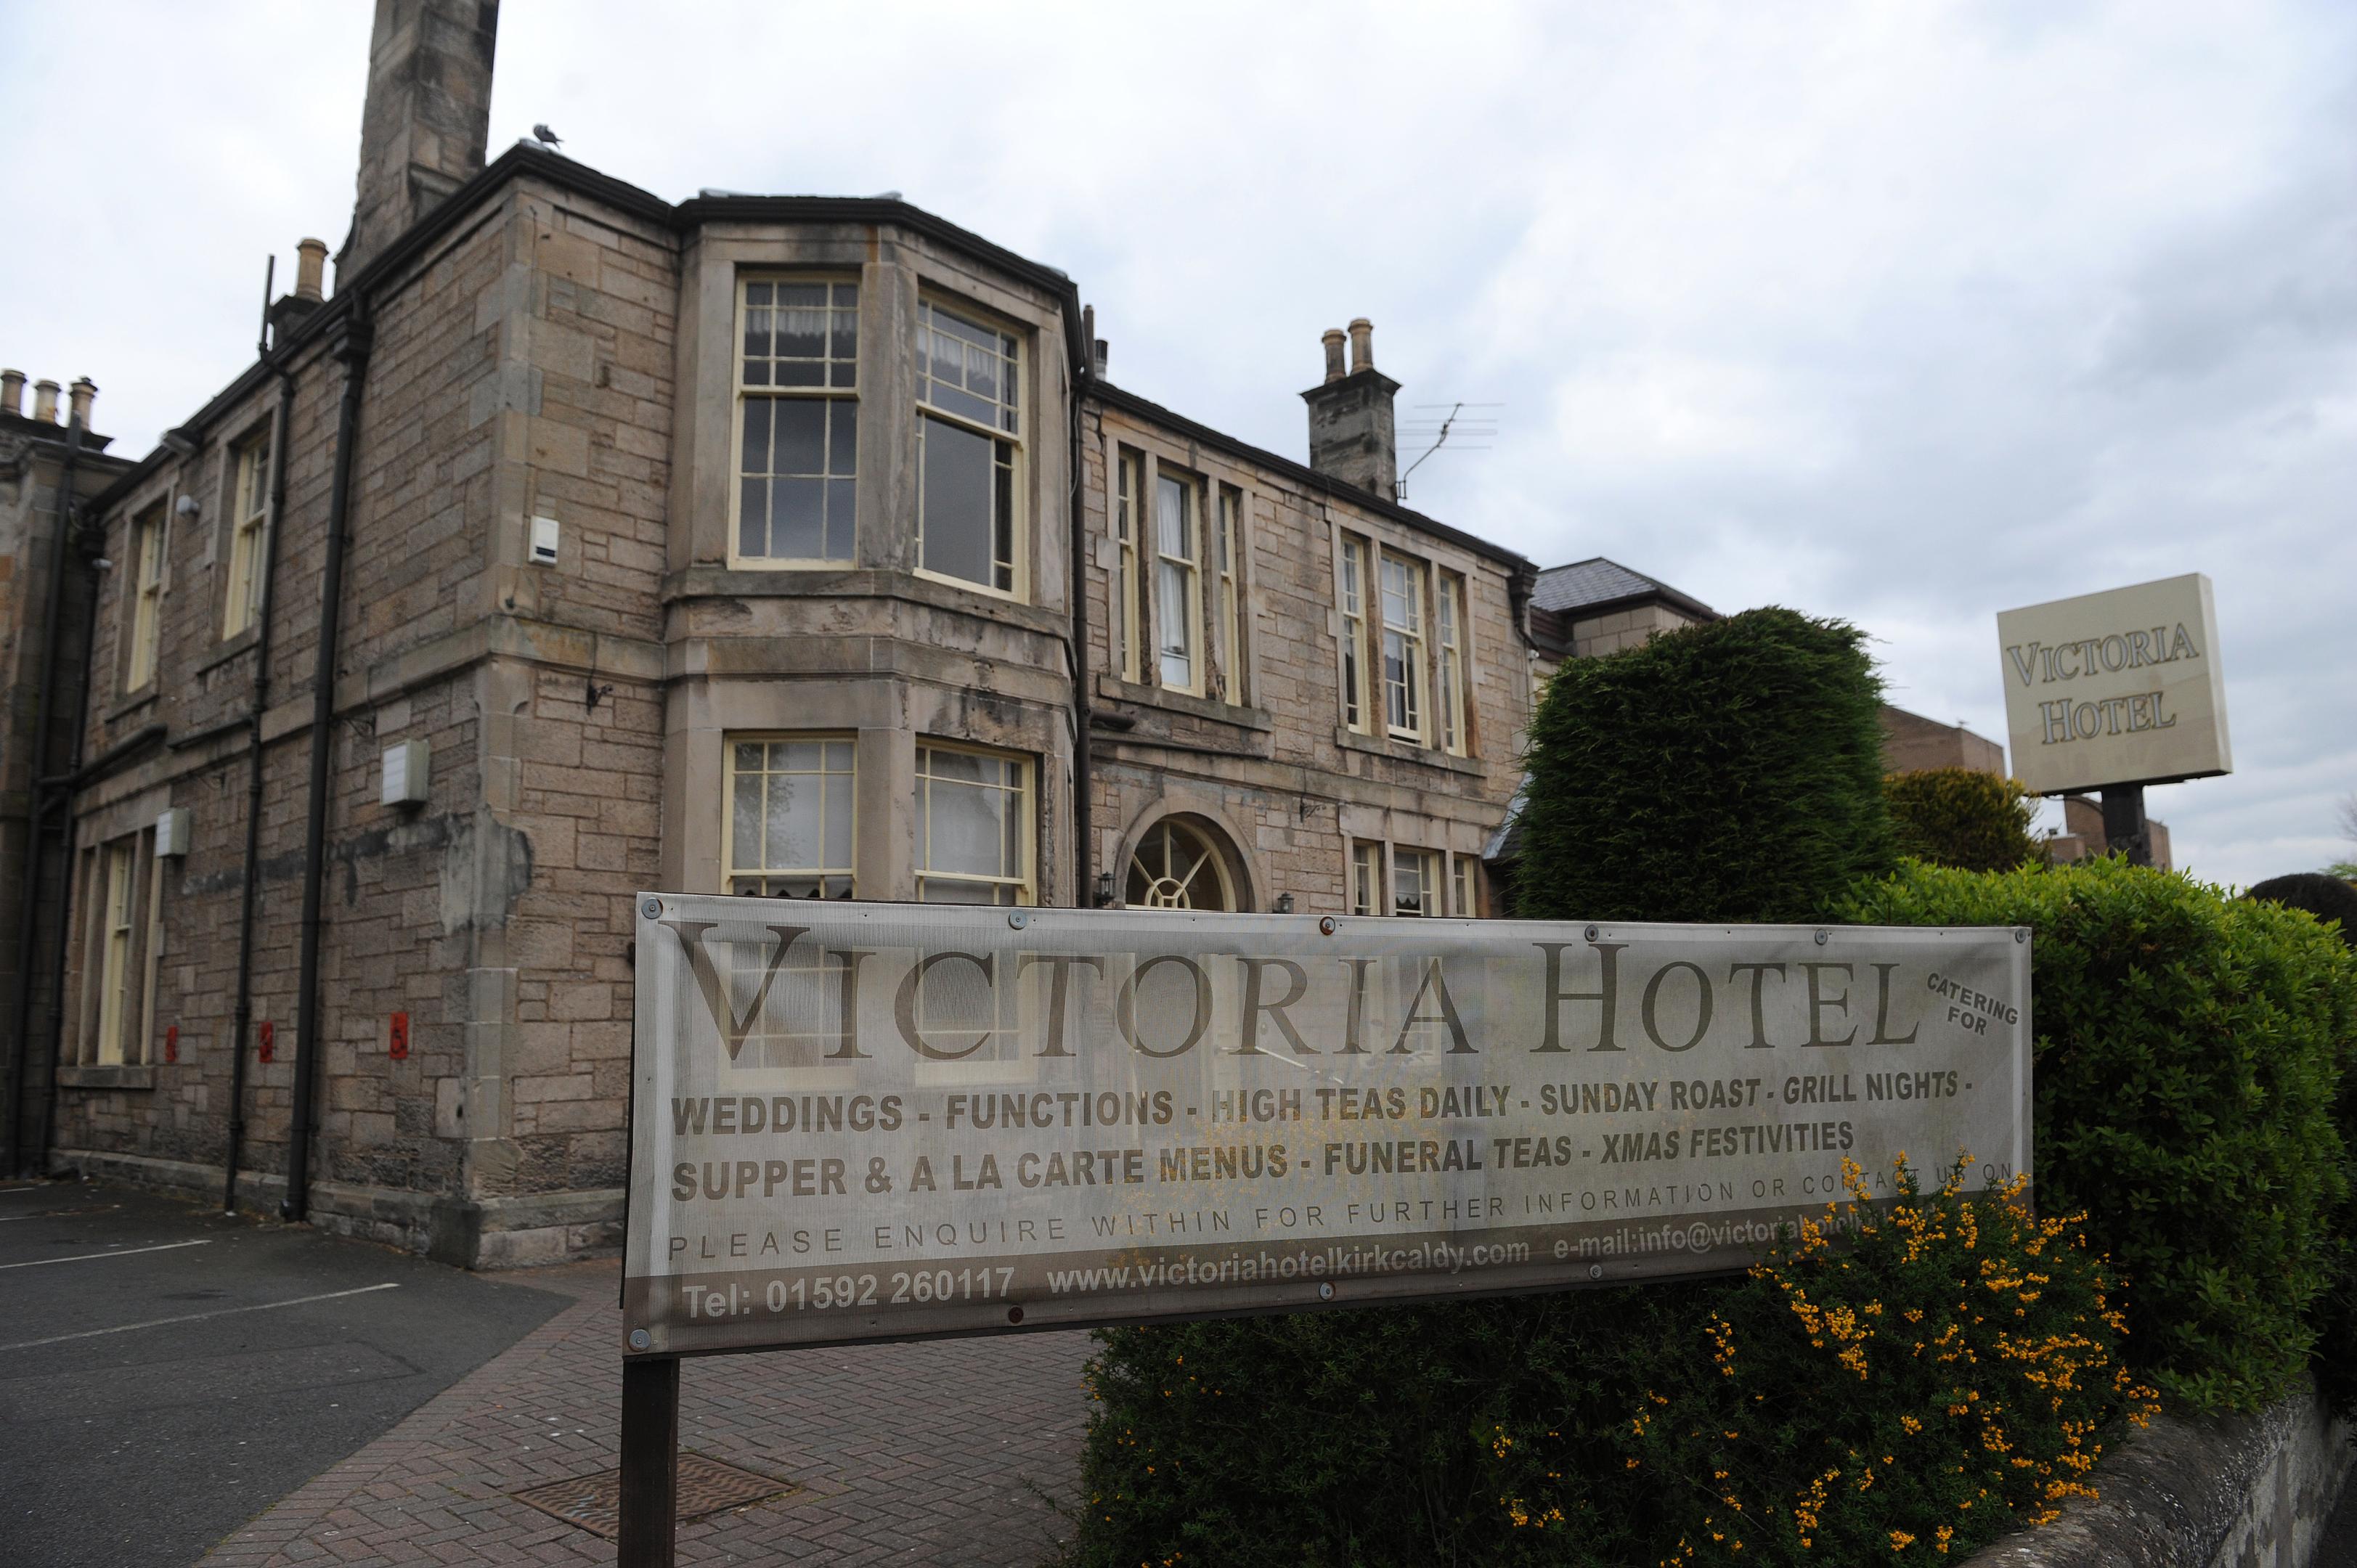 The Victoria Hotel.